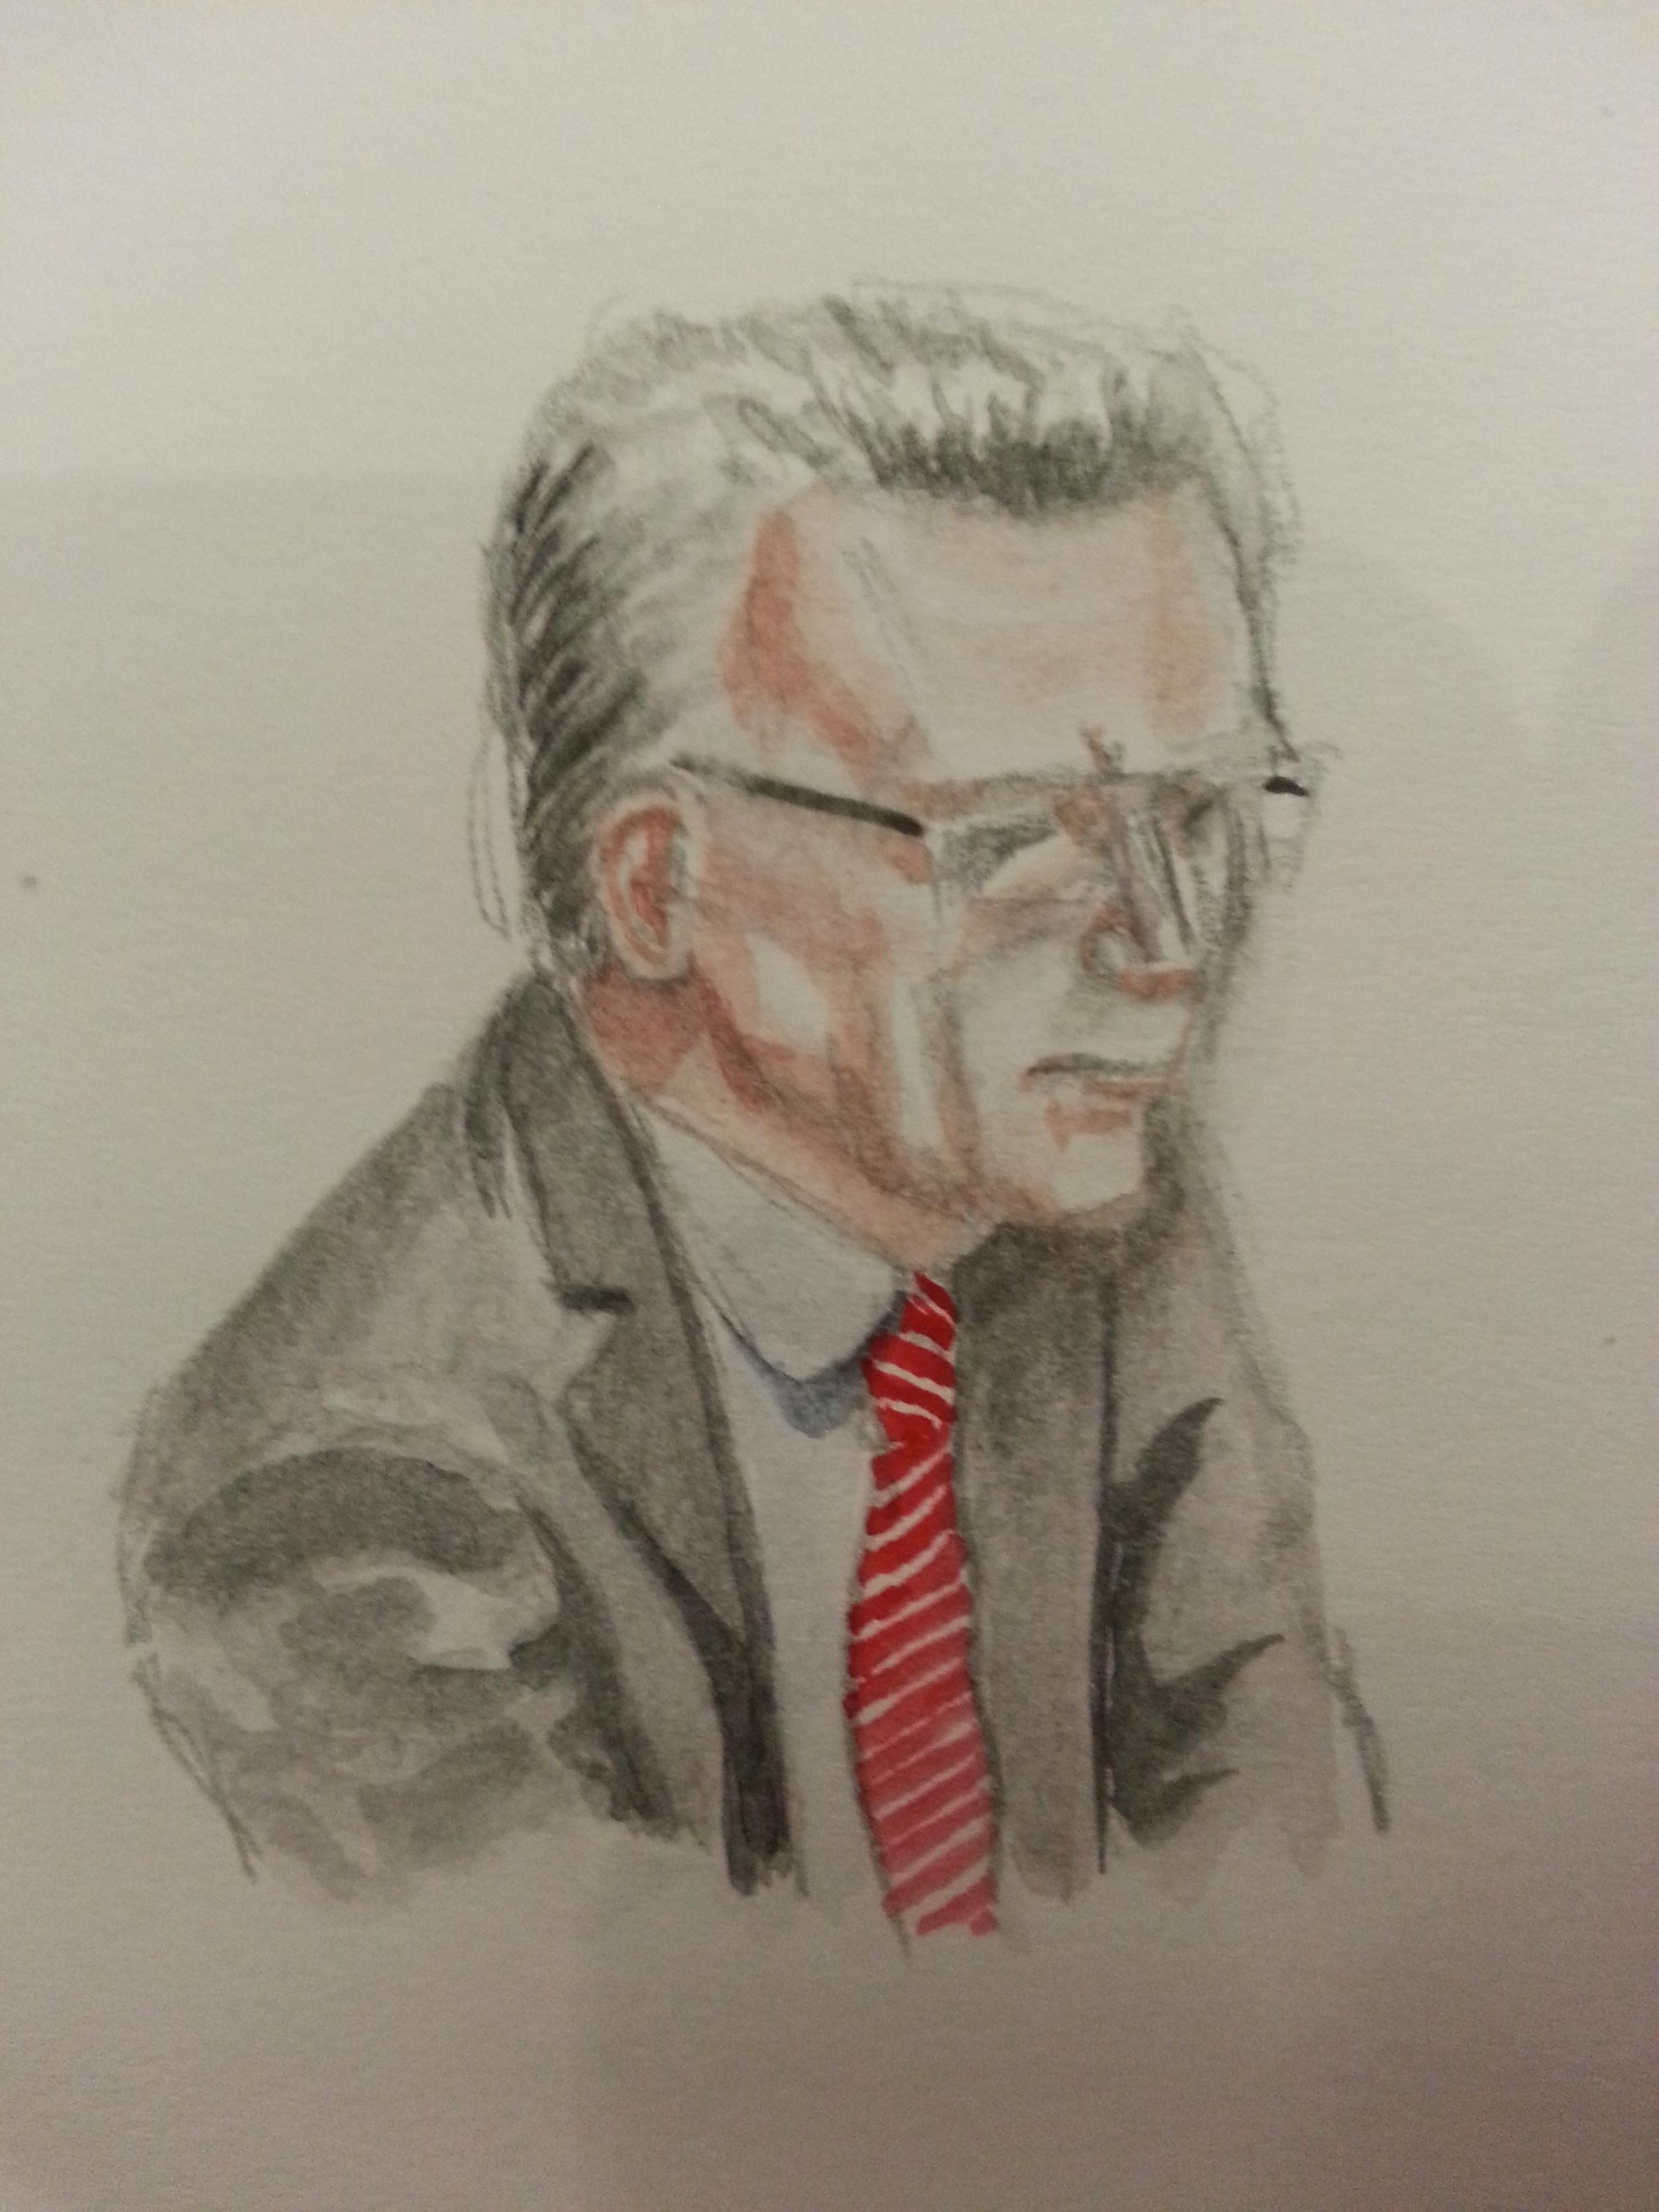 Zeuge Thomas de Maizière bei seiner Anhörung. Zeichnung: Stella Schiffczyk.